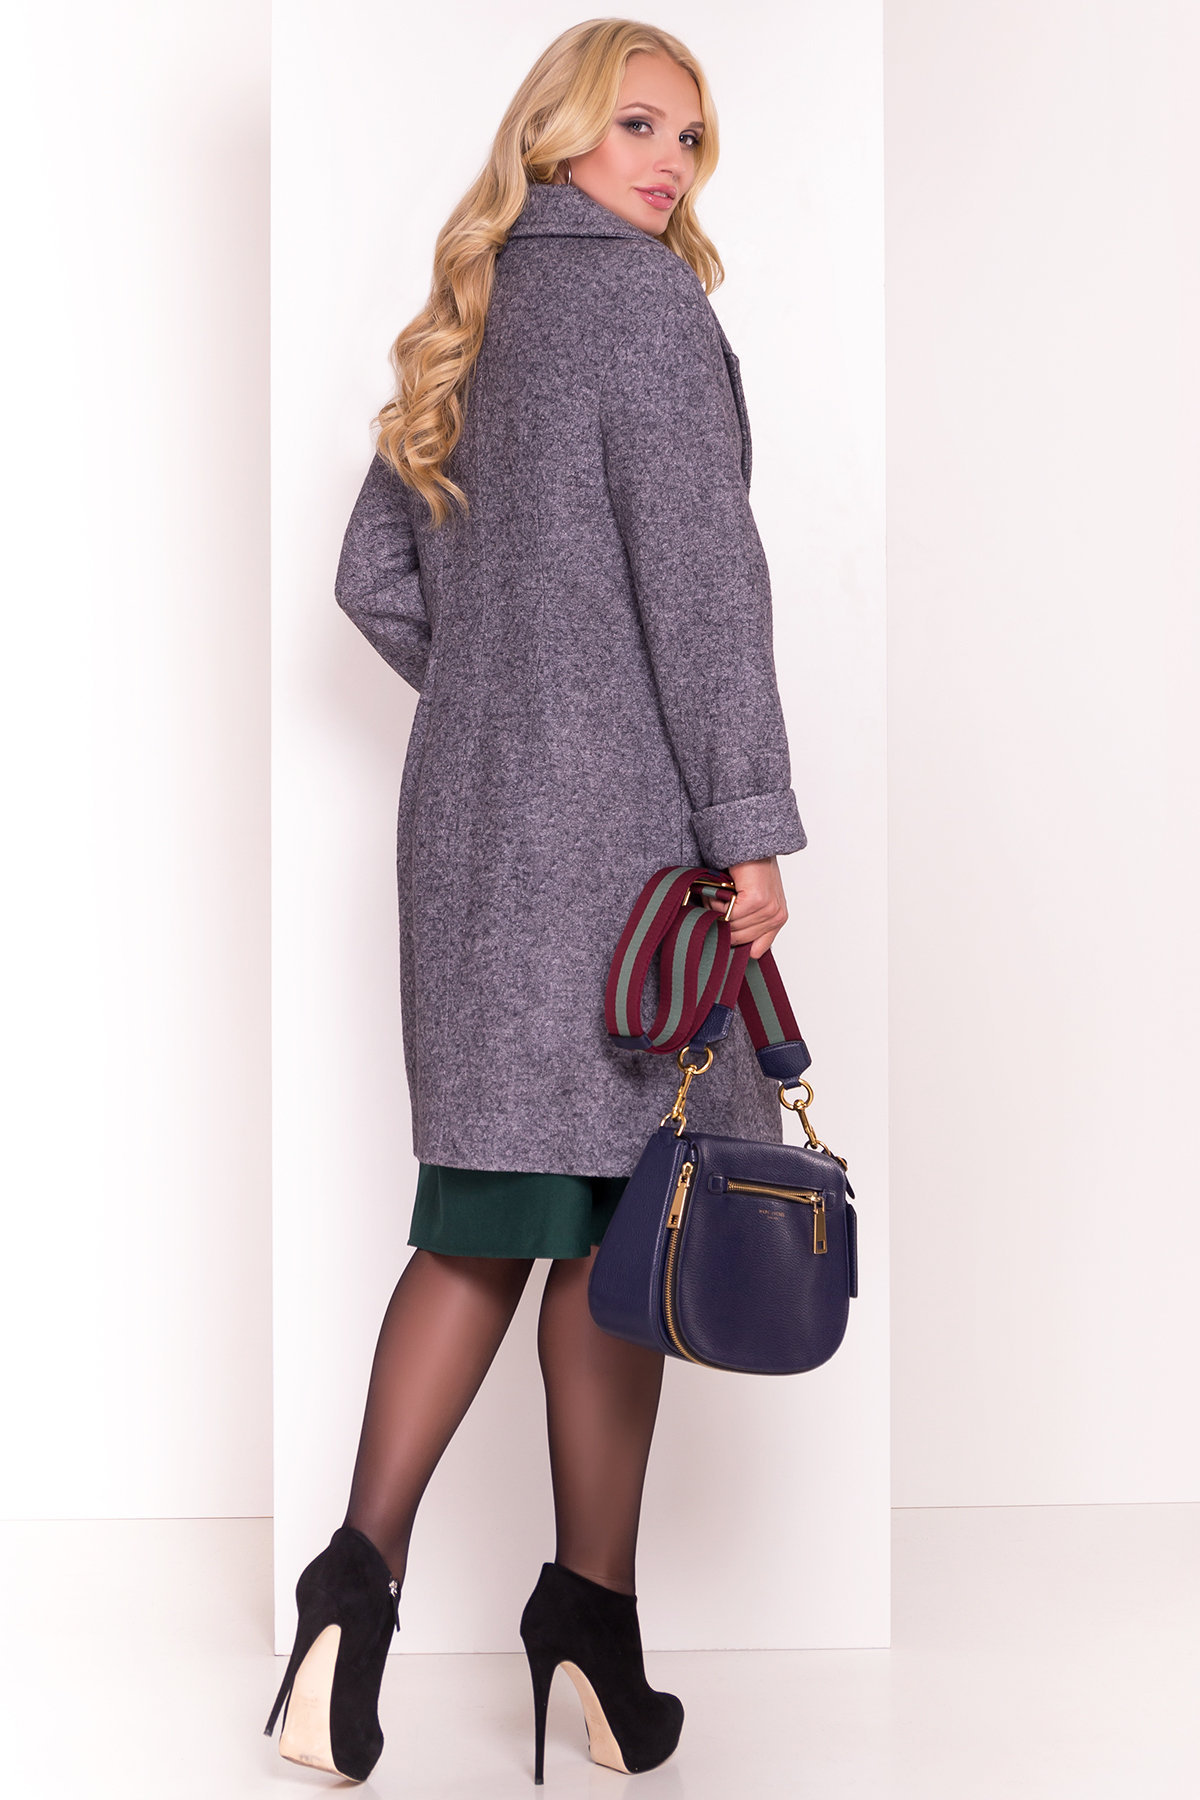 Однобортное пальто с потайной застежкой Арсина Donna 4451 Цвет: Серый Темный LW-47